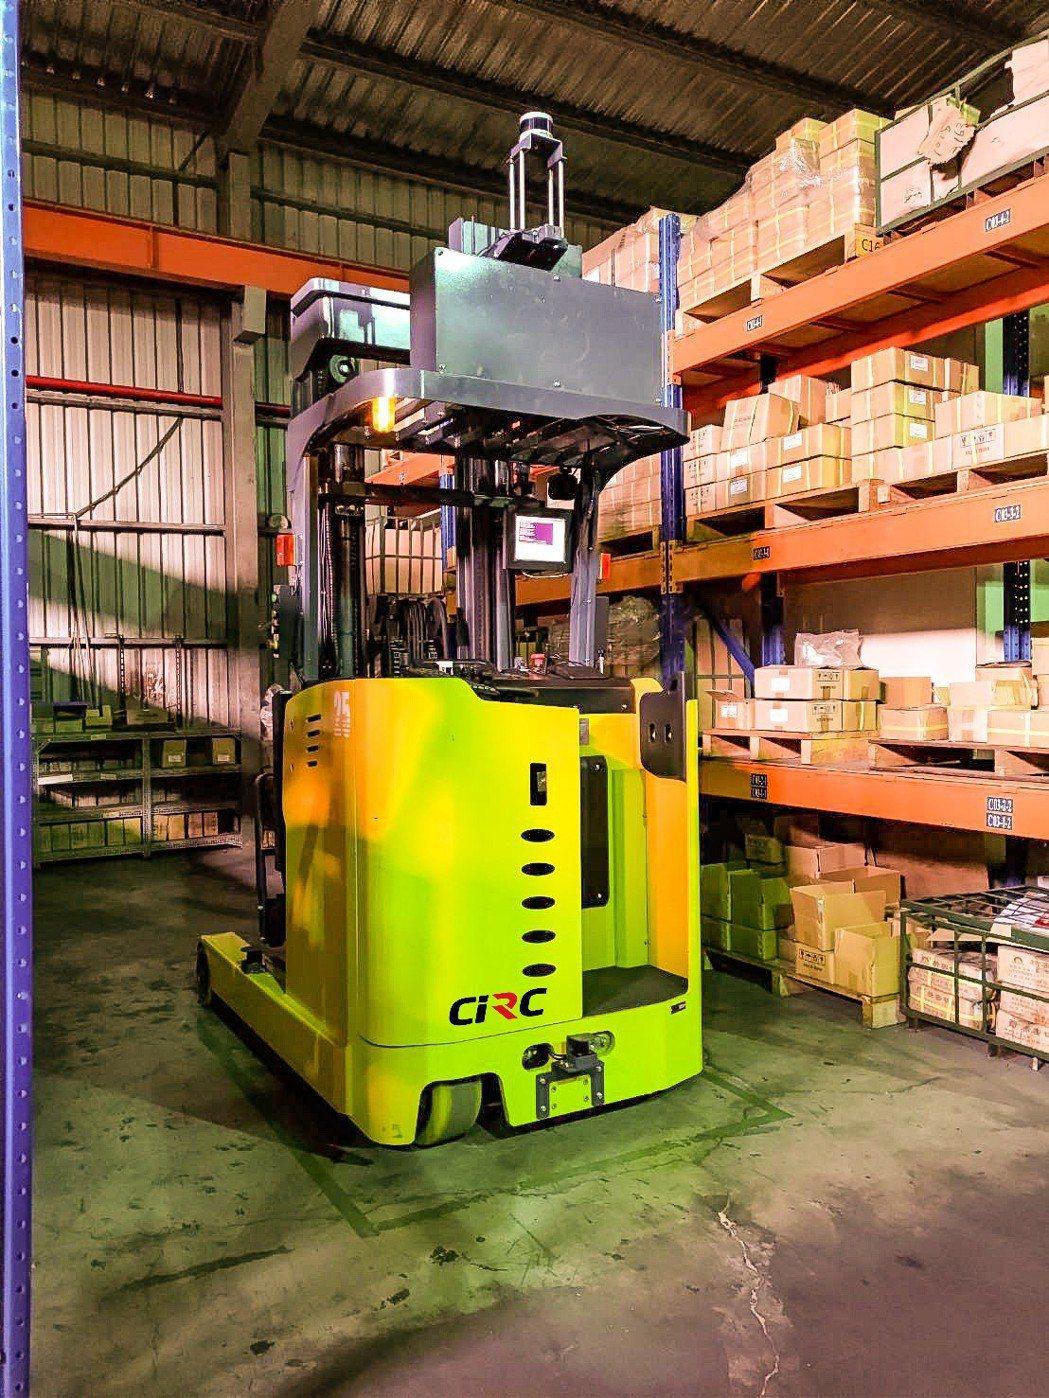 中光電為智慧倉儲帶來效能與便利的AMR自主移動叉車。/業者提供